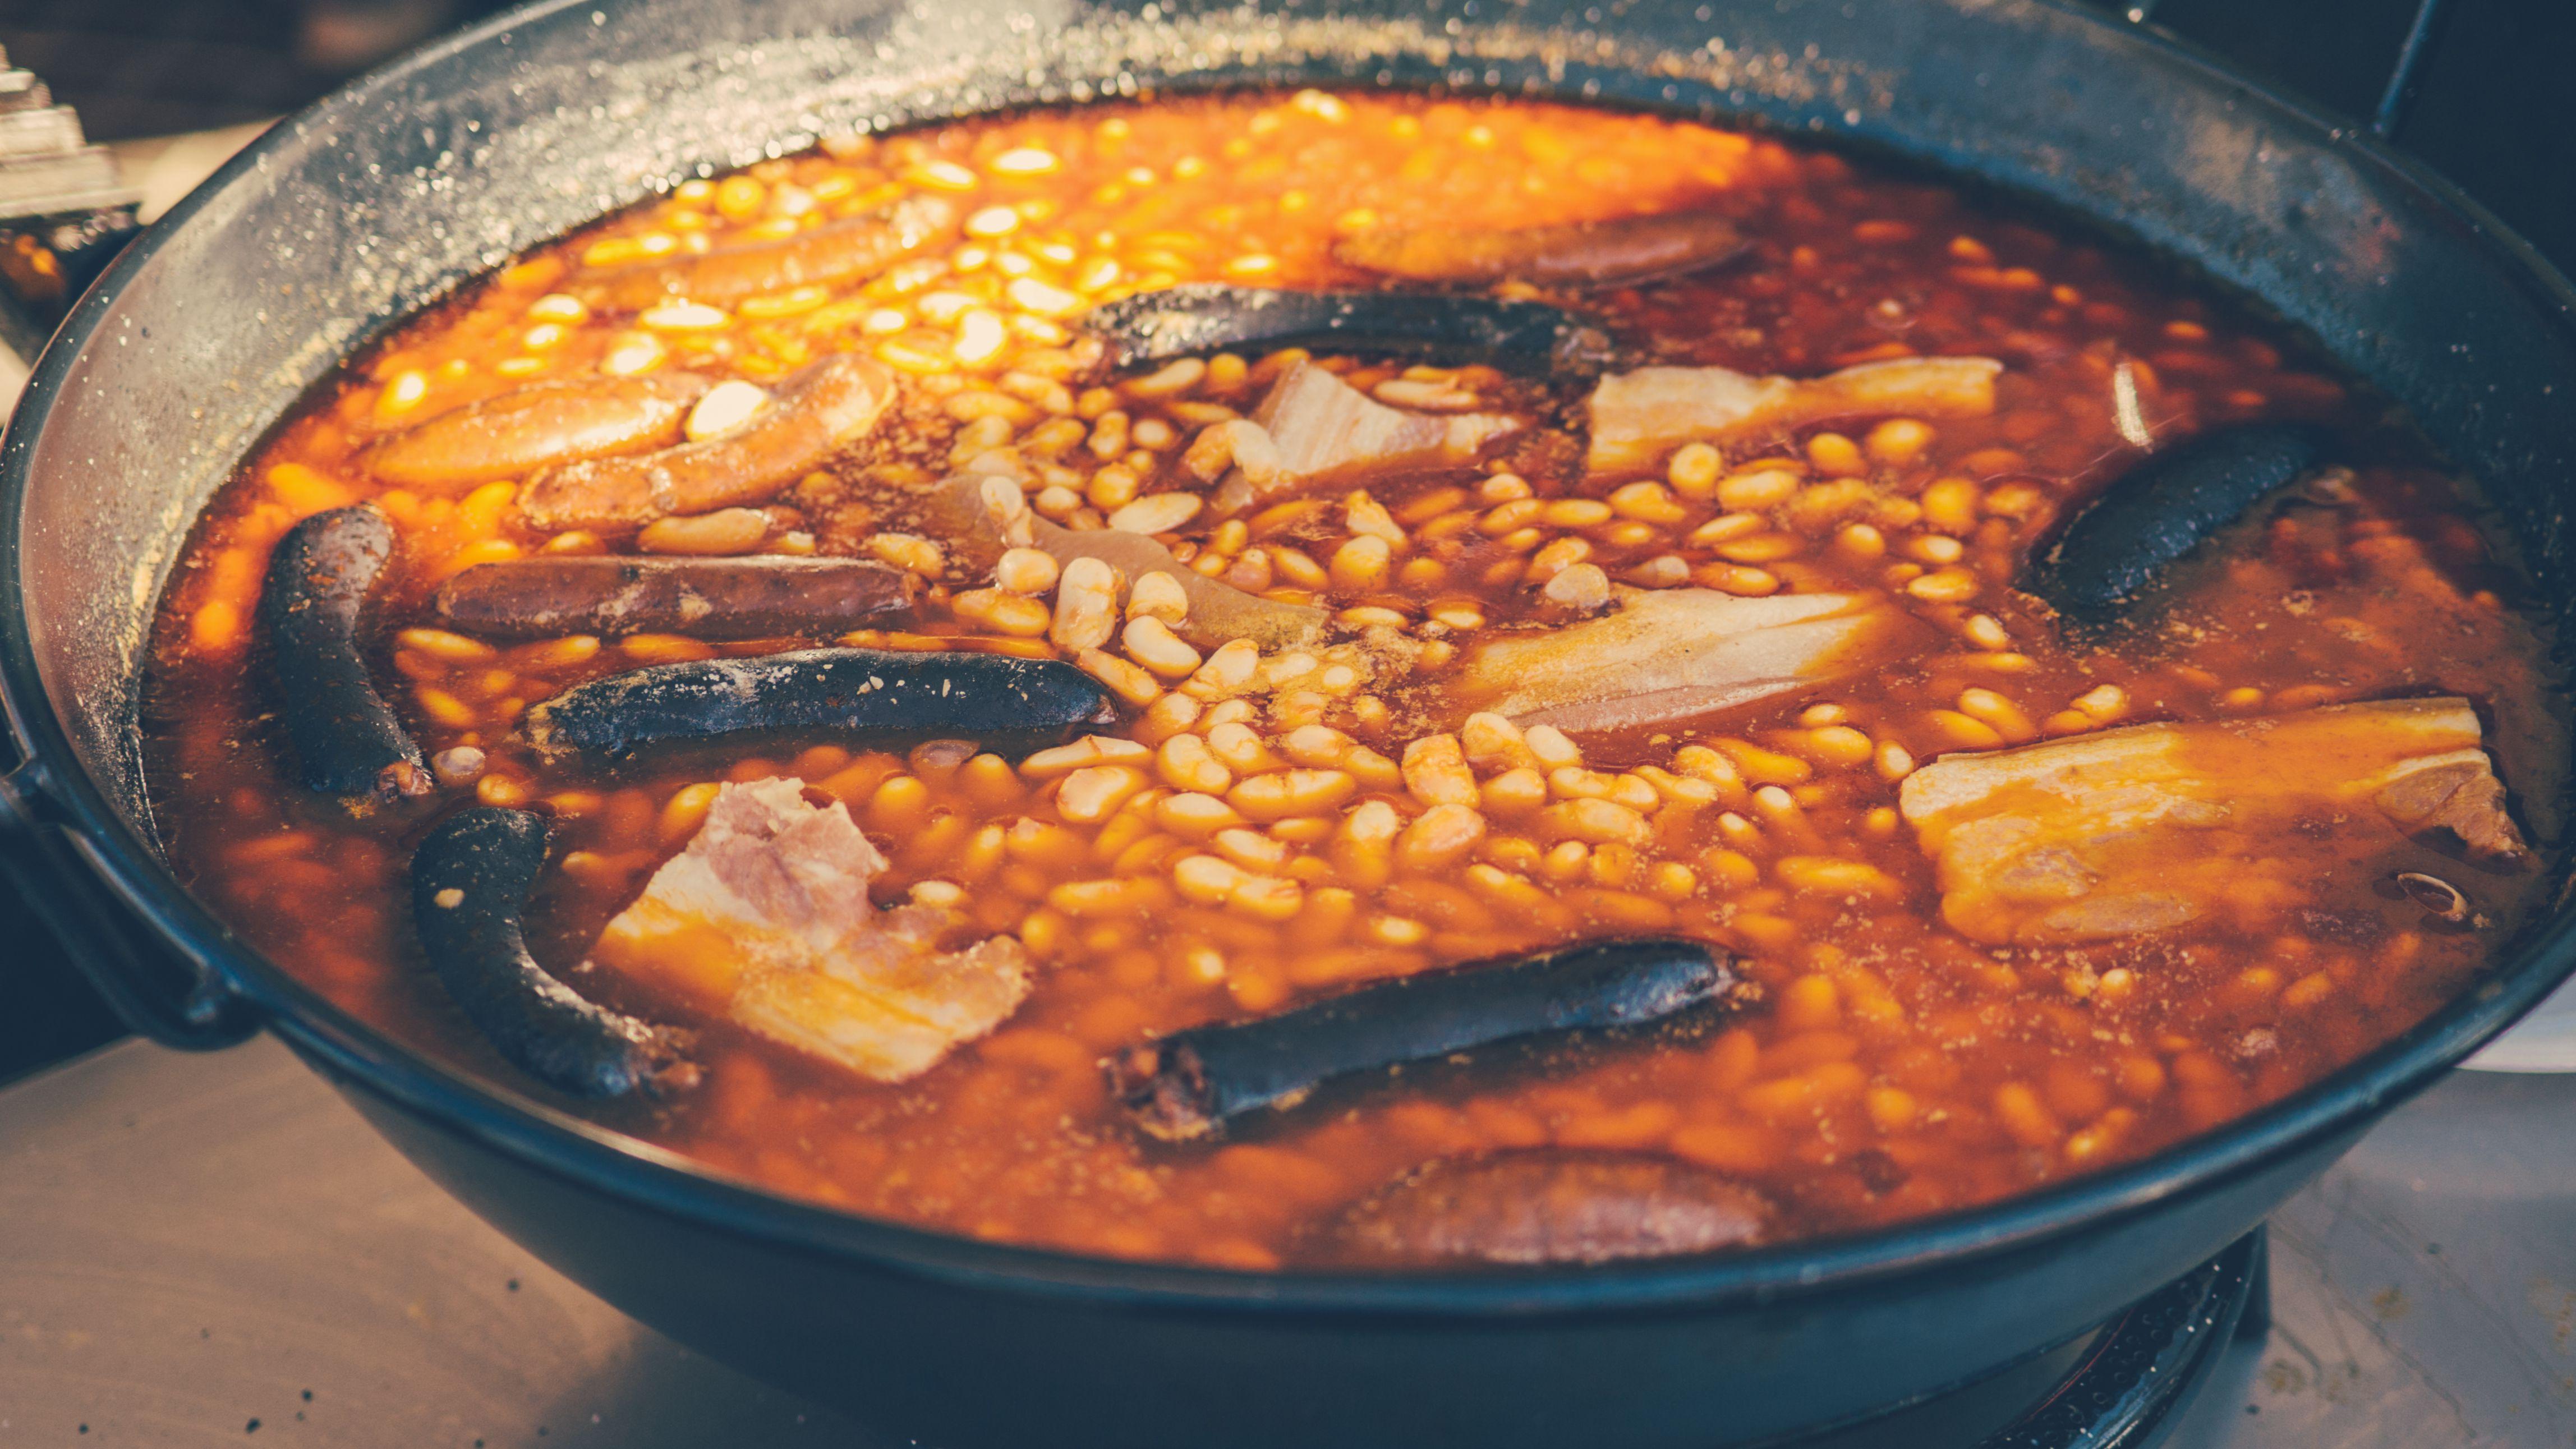 Spanish Fabada Asturiana Stew Recipe